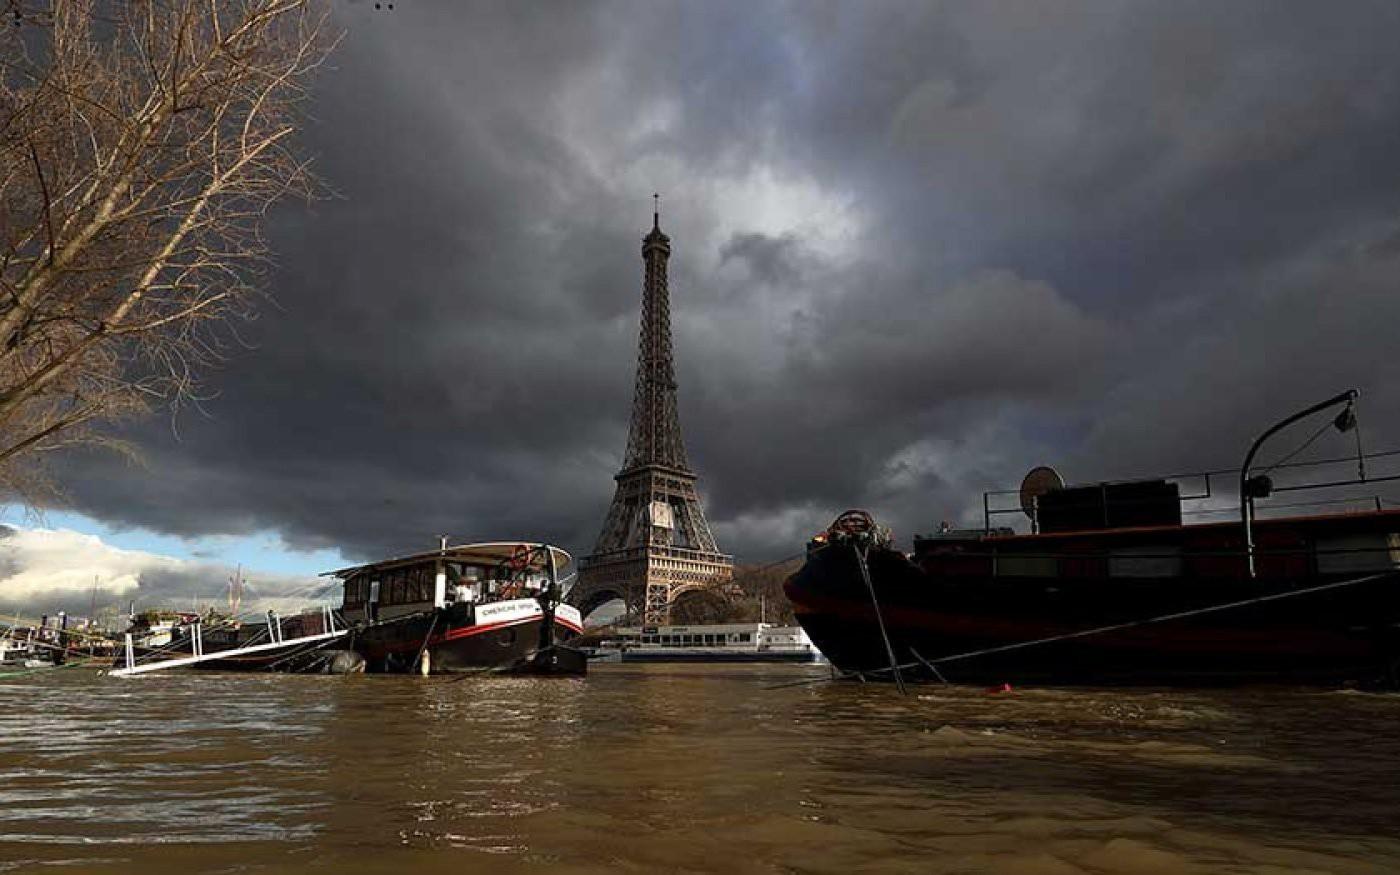 Thế giới trong tuần qua ảnh: Paris ngập trong biển nước